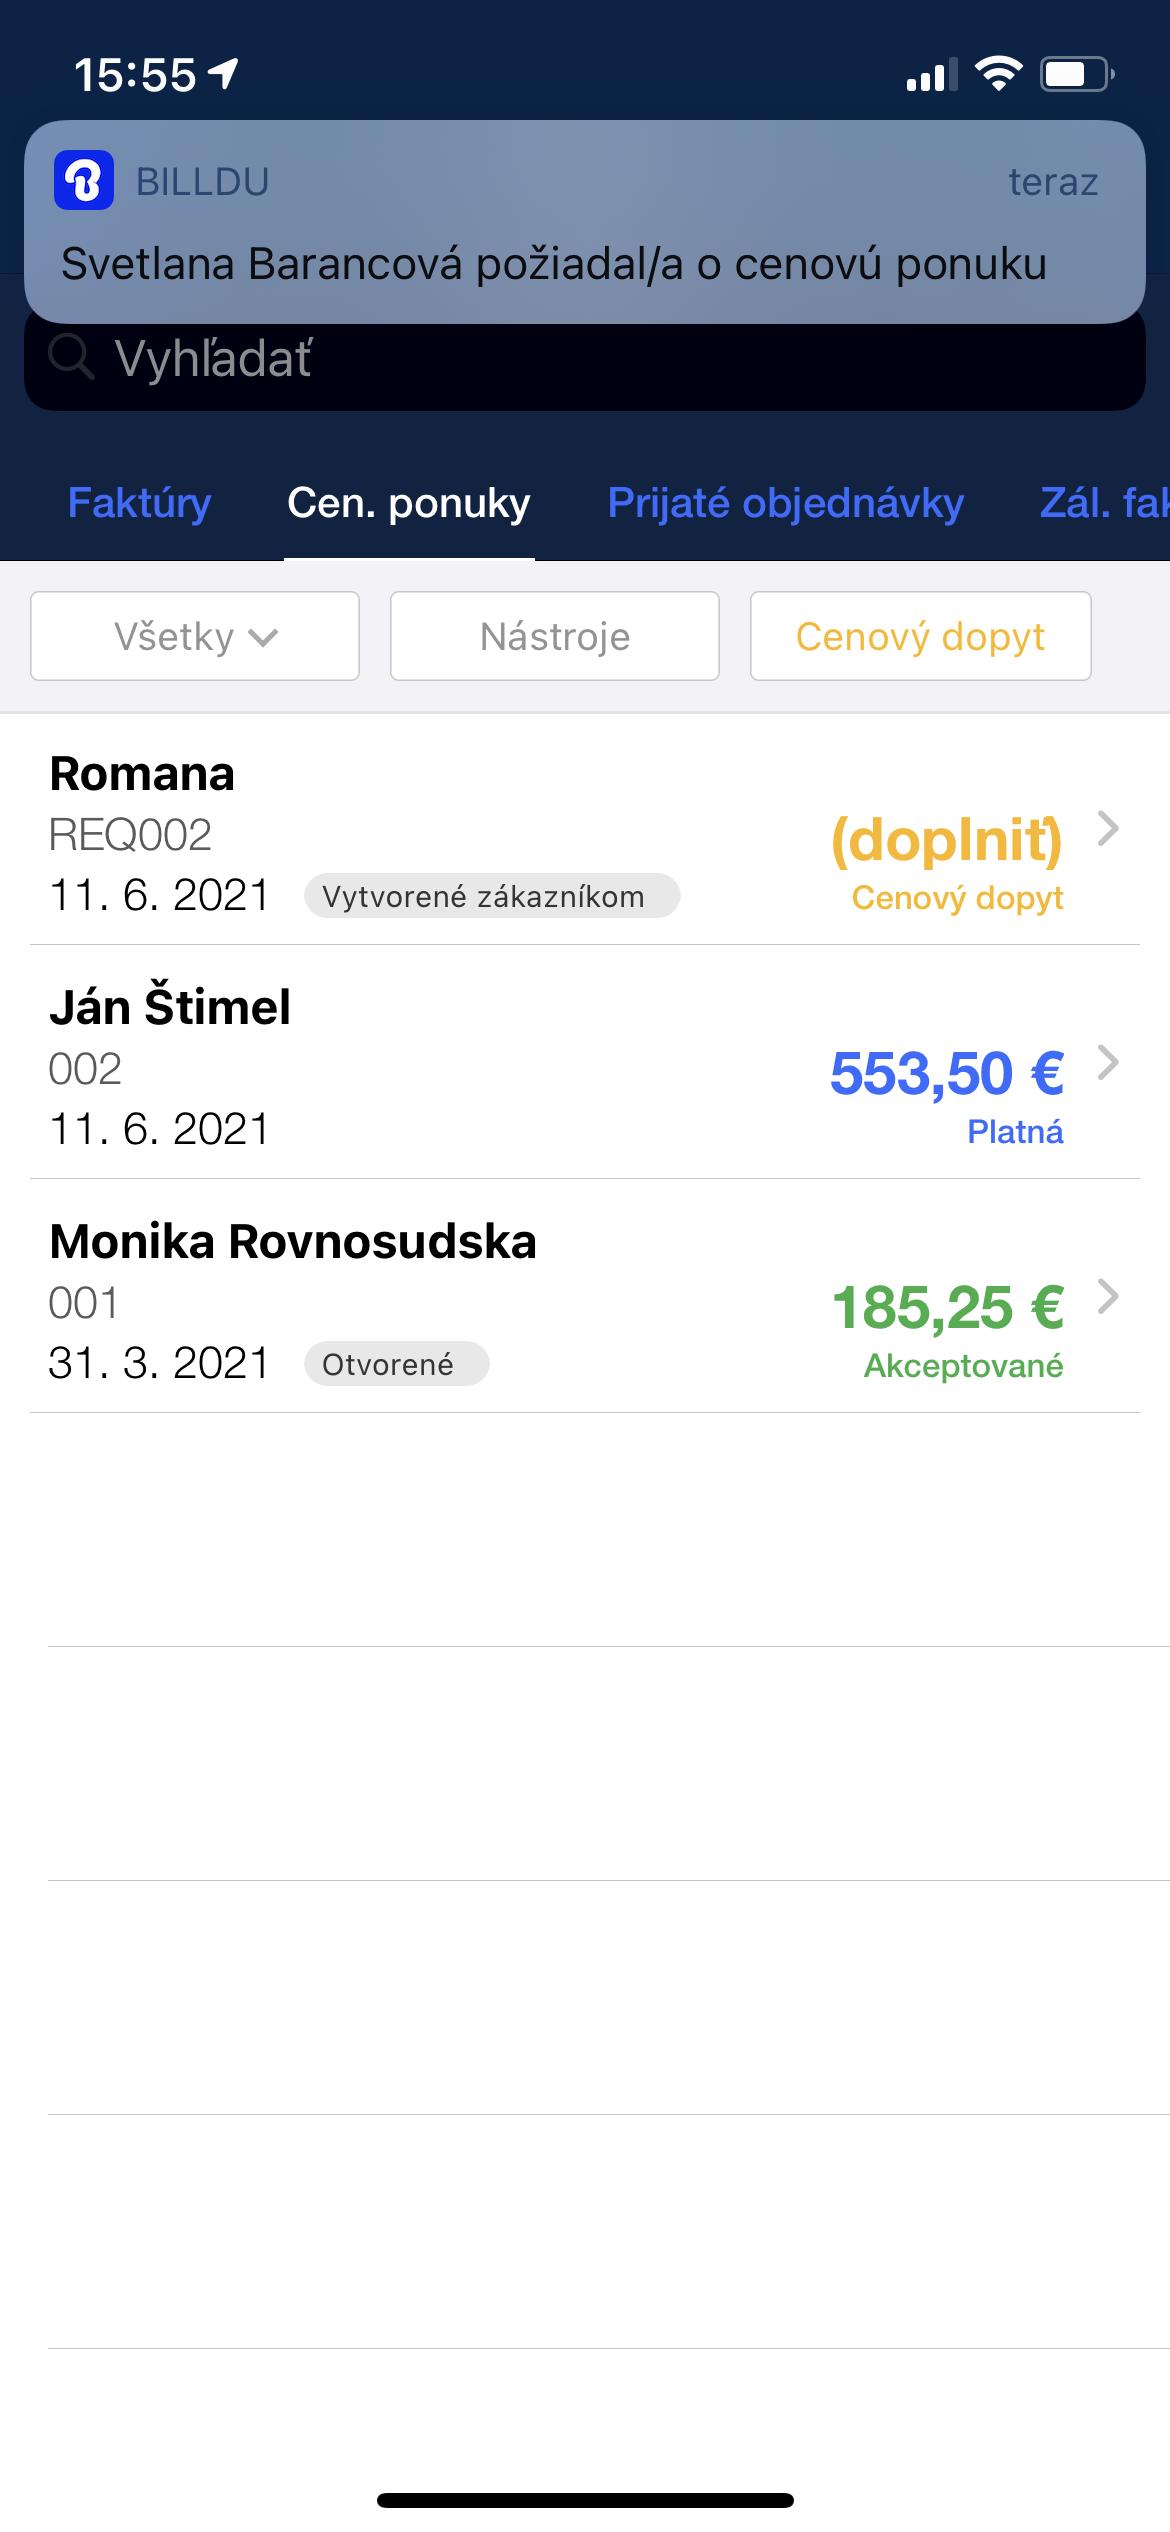 Cenovy dopyt